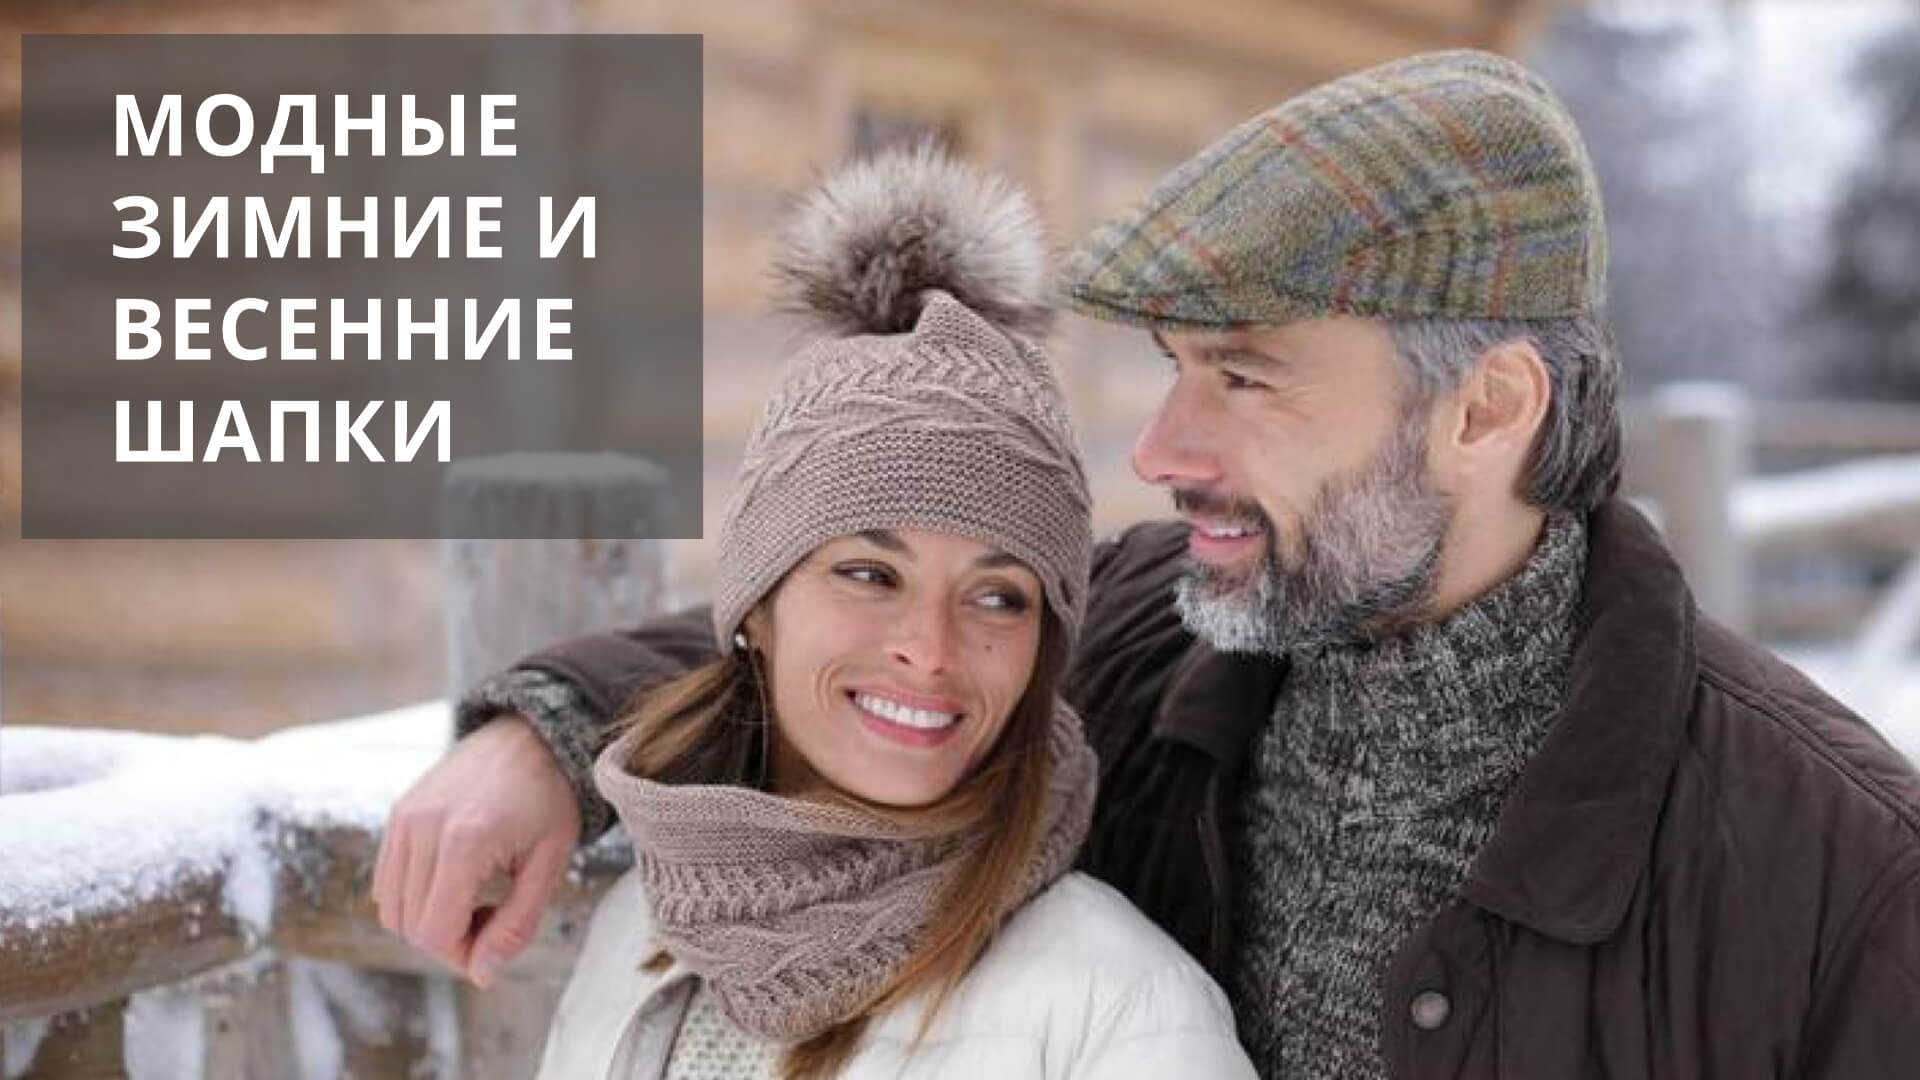 Модные зимние и весенние шапки